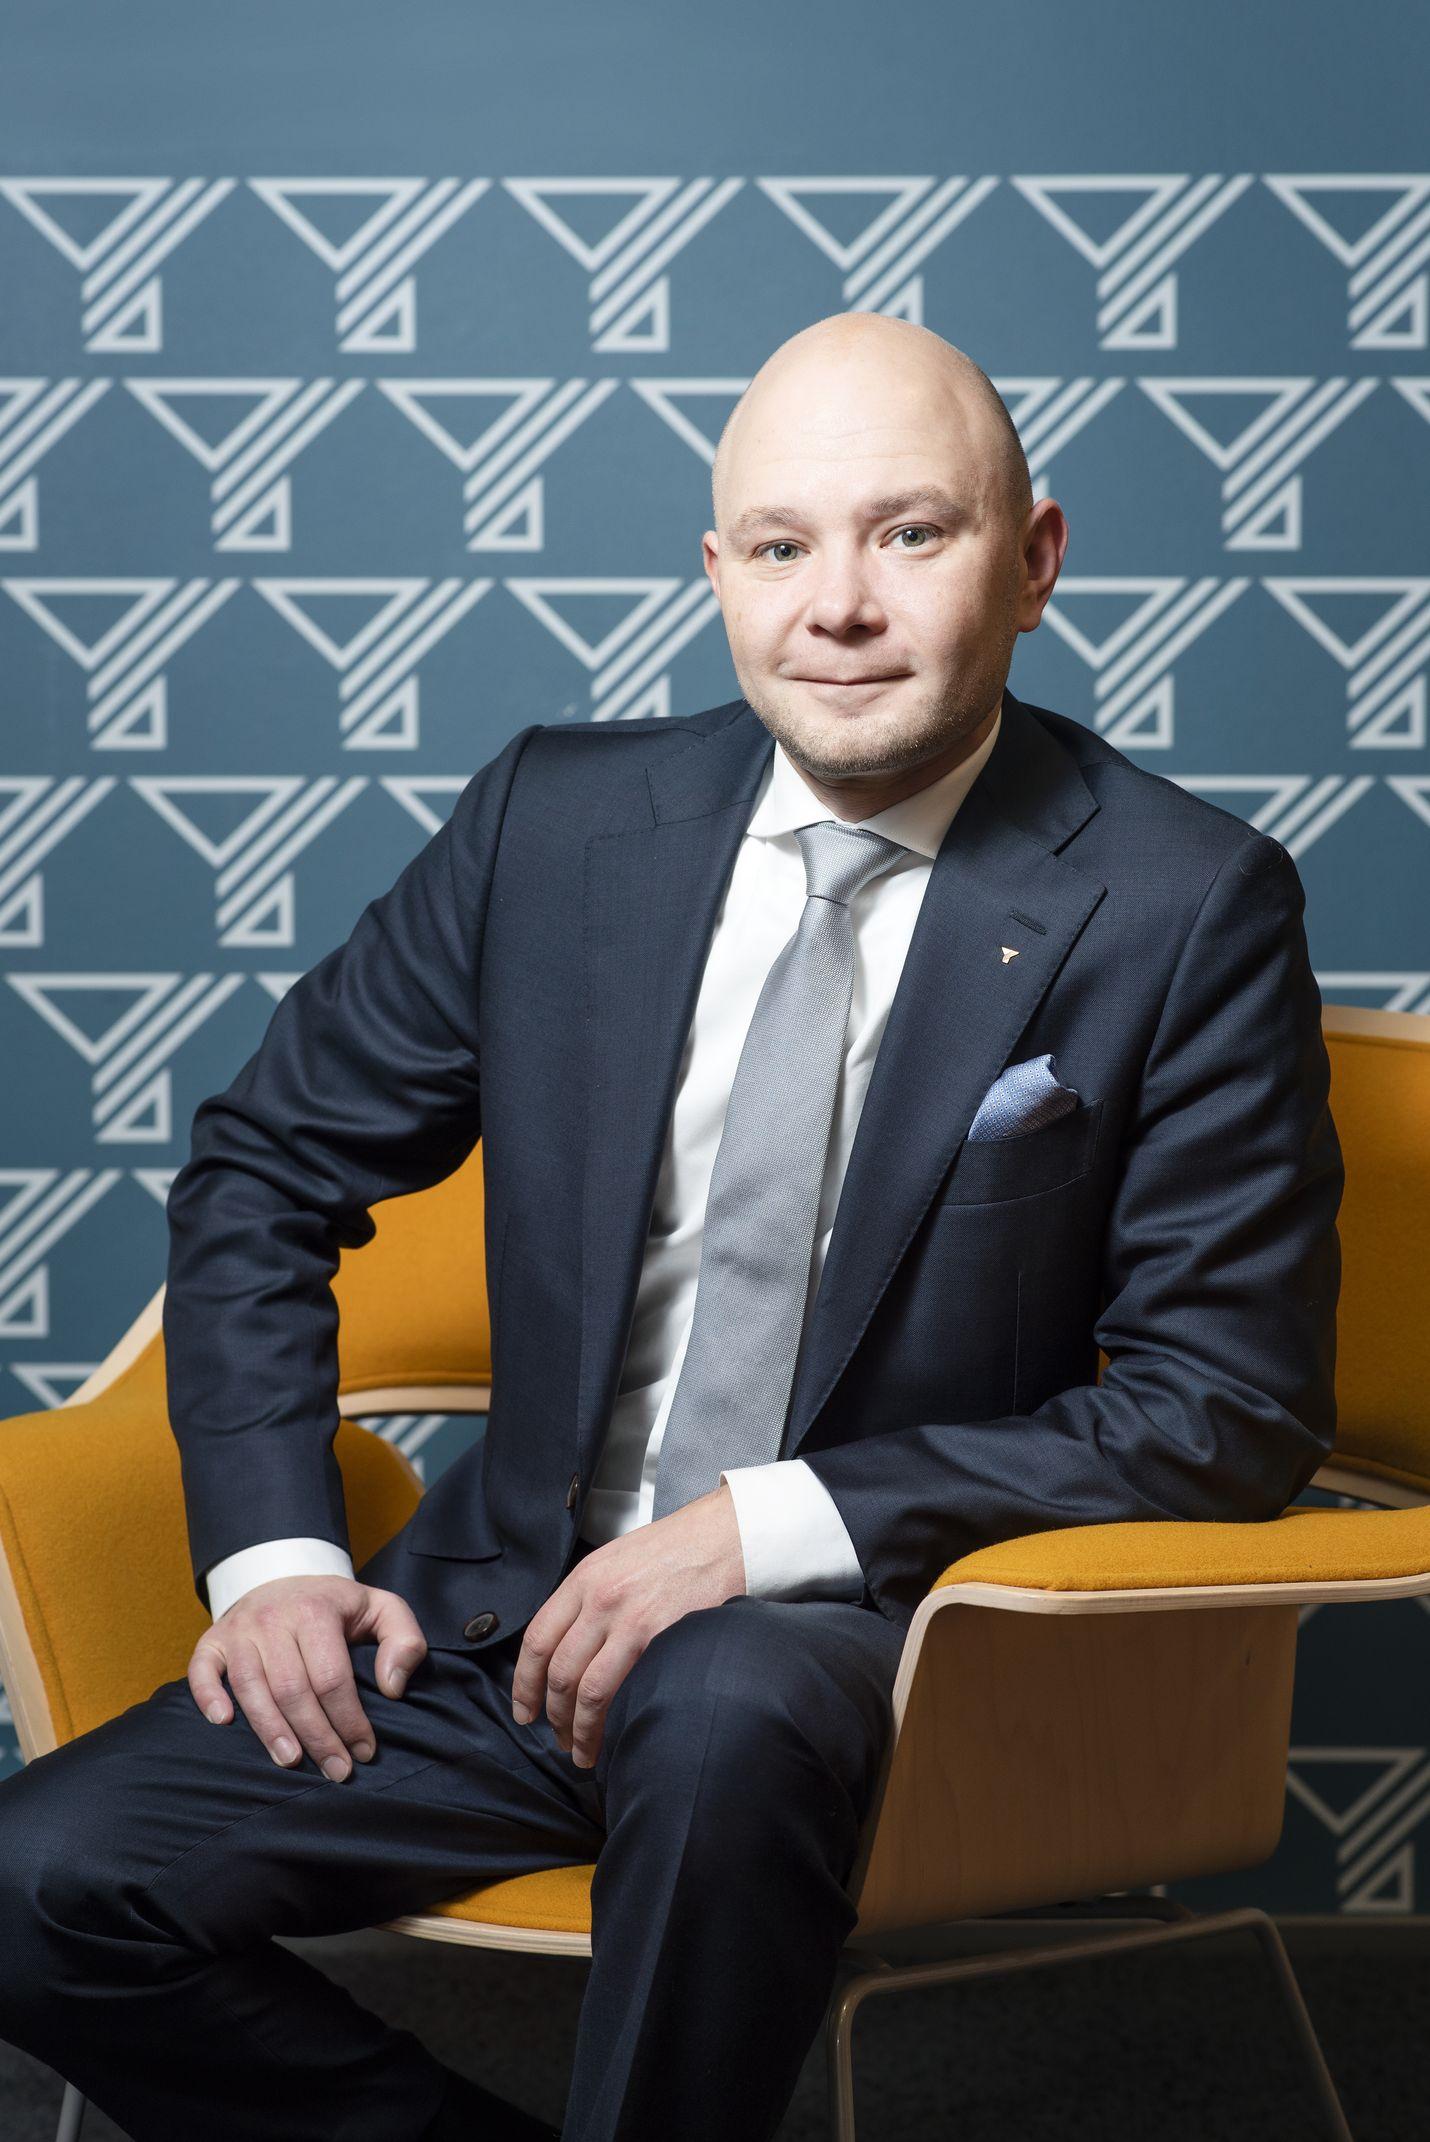 Petri Salminen ilmoittautui ensimmäisenä jo helmikuussa ehdokkaaksi SY:n puheejohtajaksi.